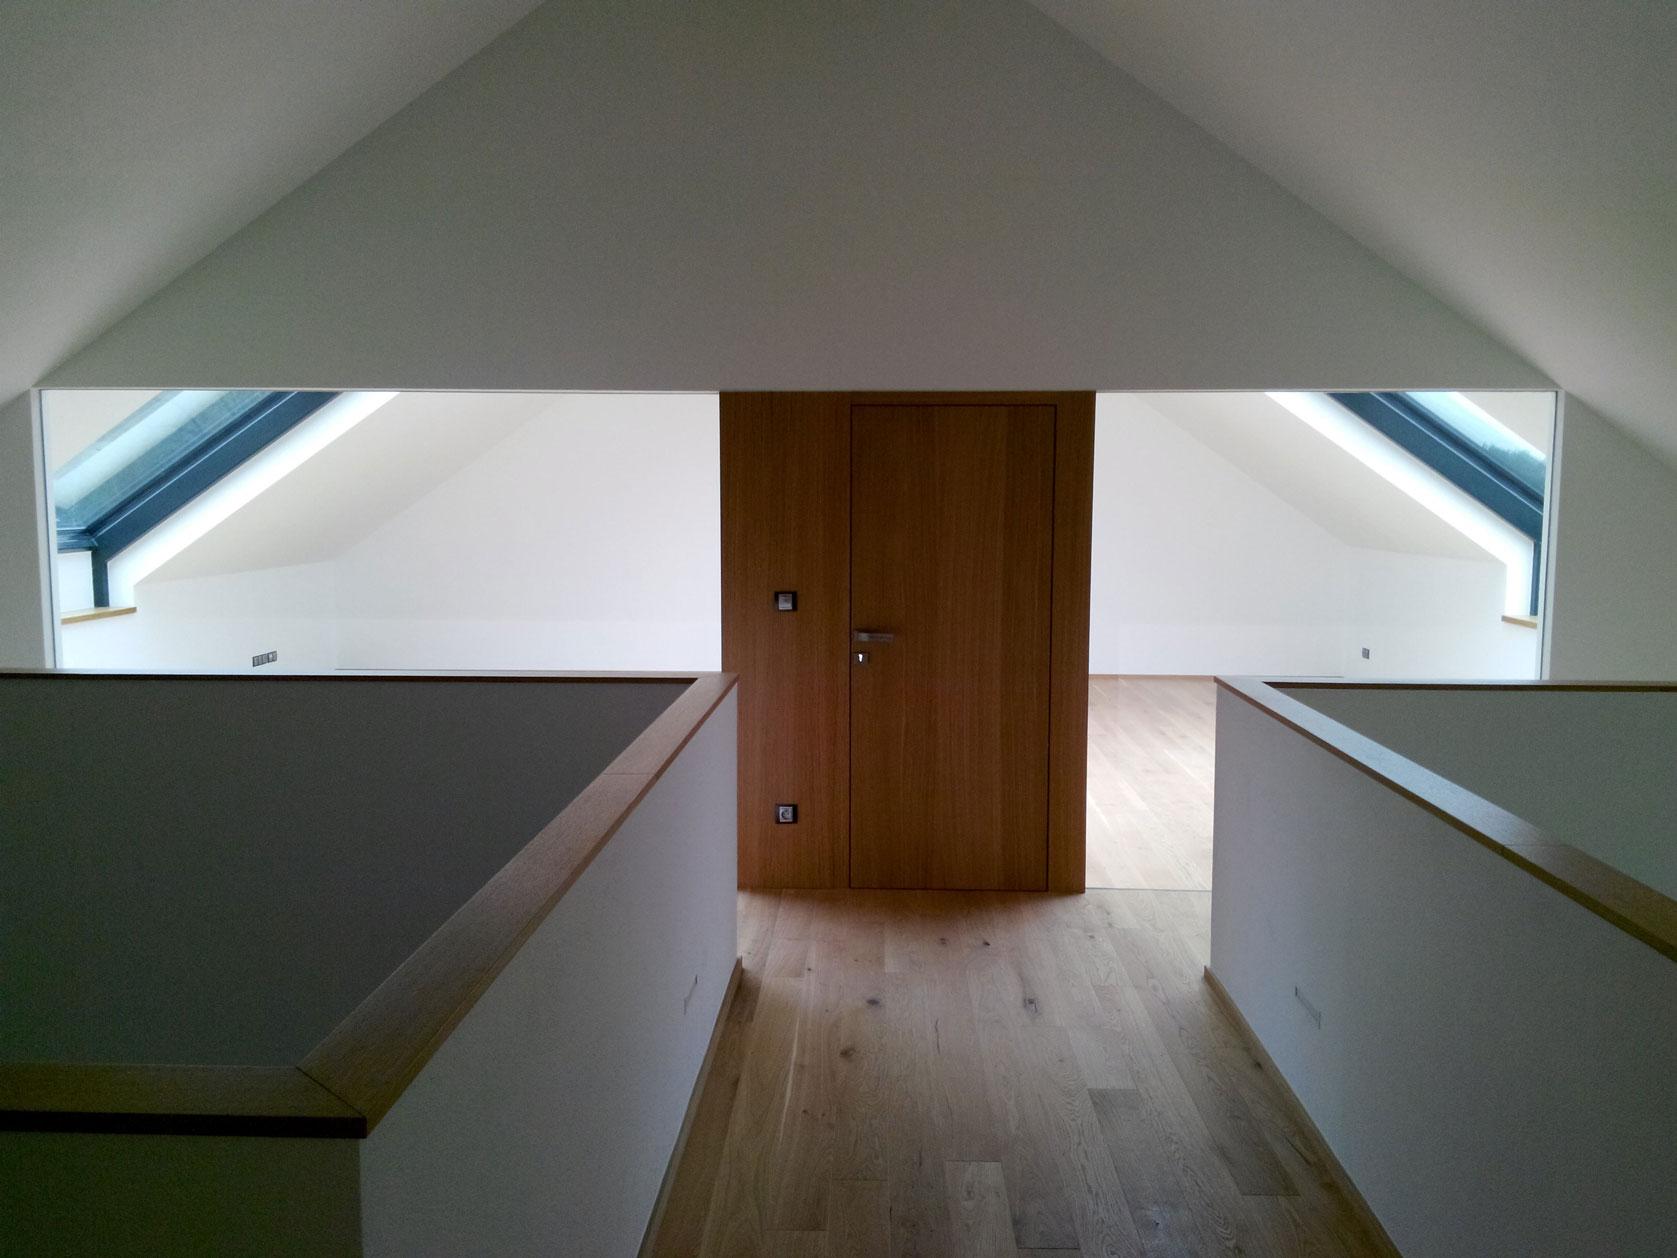 Sklenarstvi-Prerost-sklenene- steny-a-dvere (40)